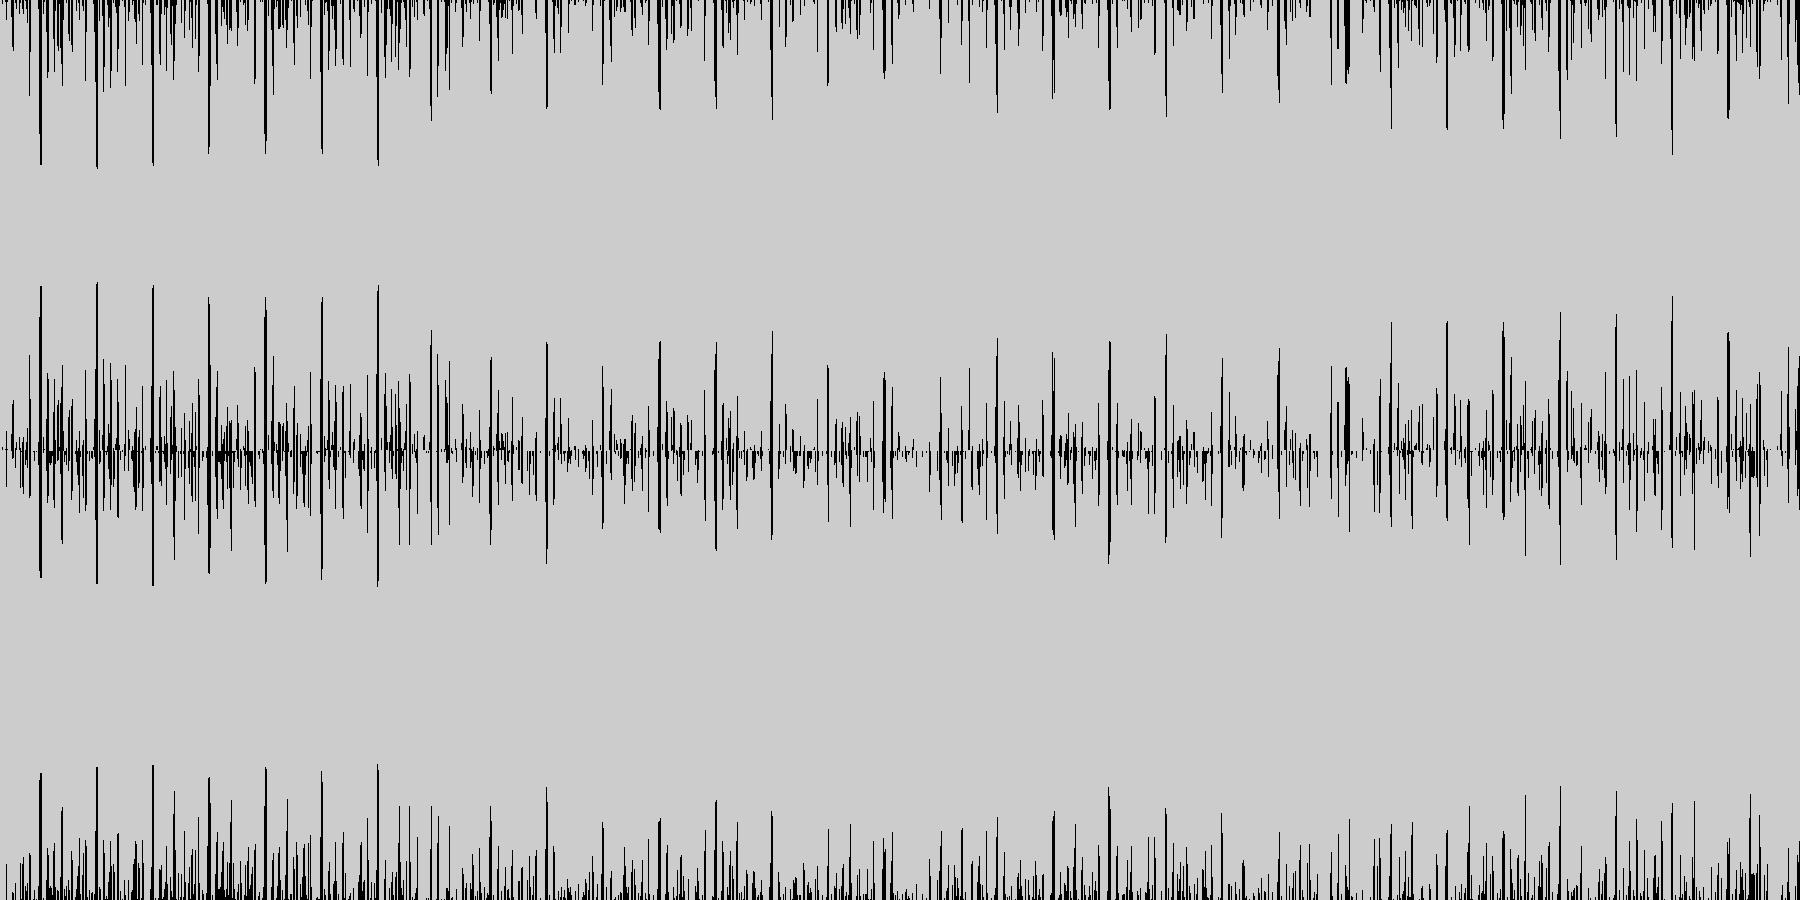 お洒落なEDMループBGMの未再生の波形